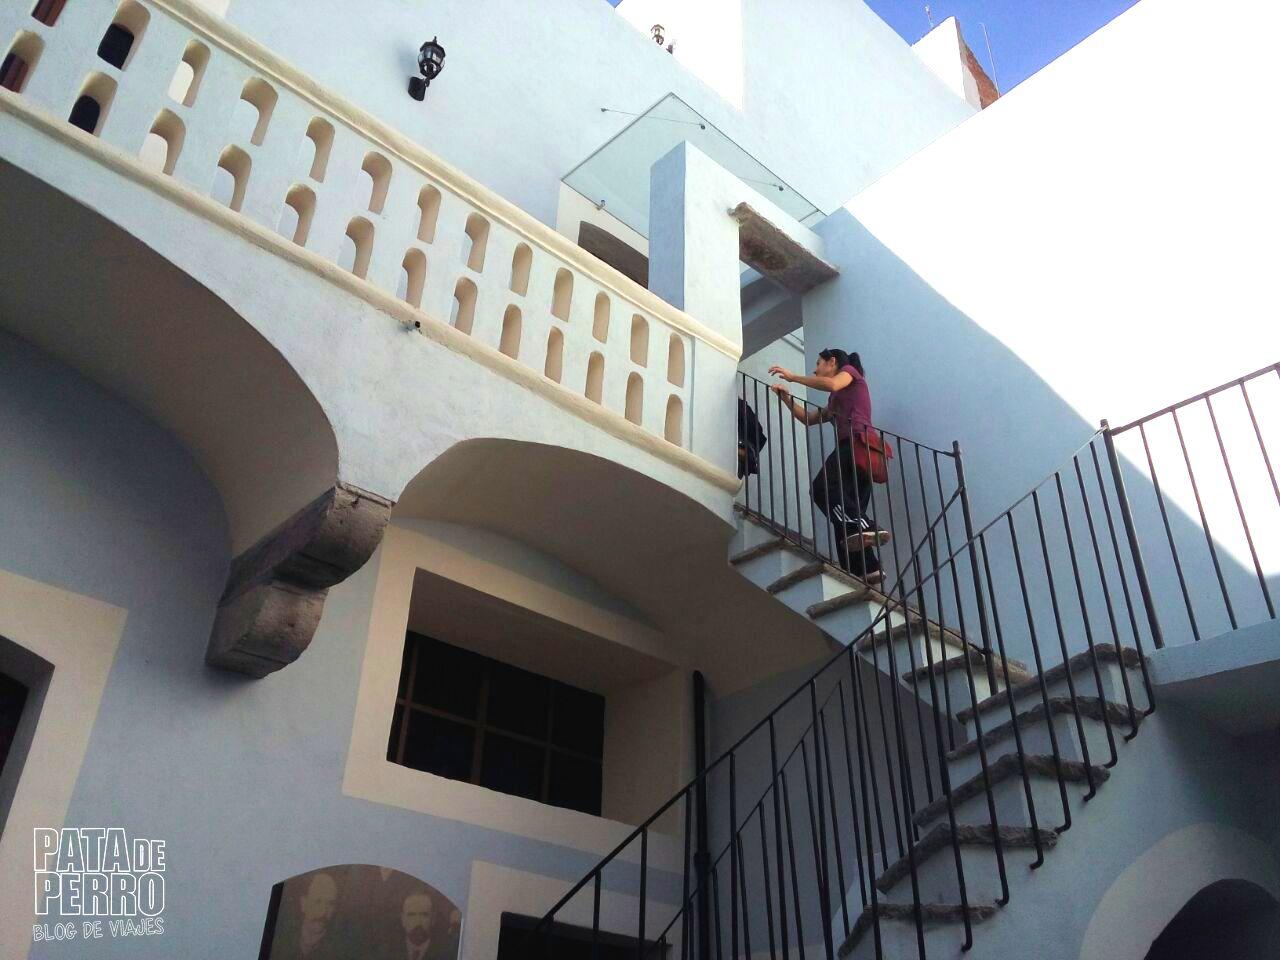 museo-regional-de-la-revolucion-mexicana-casa-de-los-hermanos-serdan-pata-de-perro-blog-de-viajes14